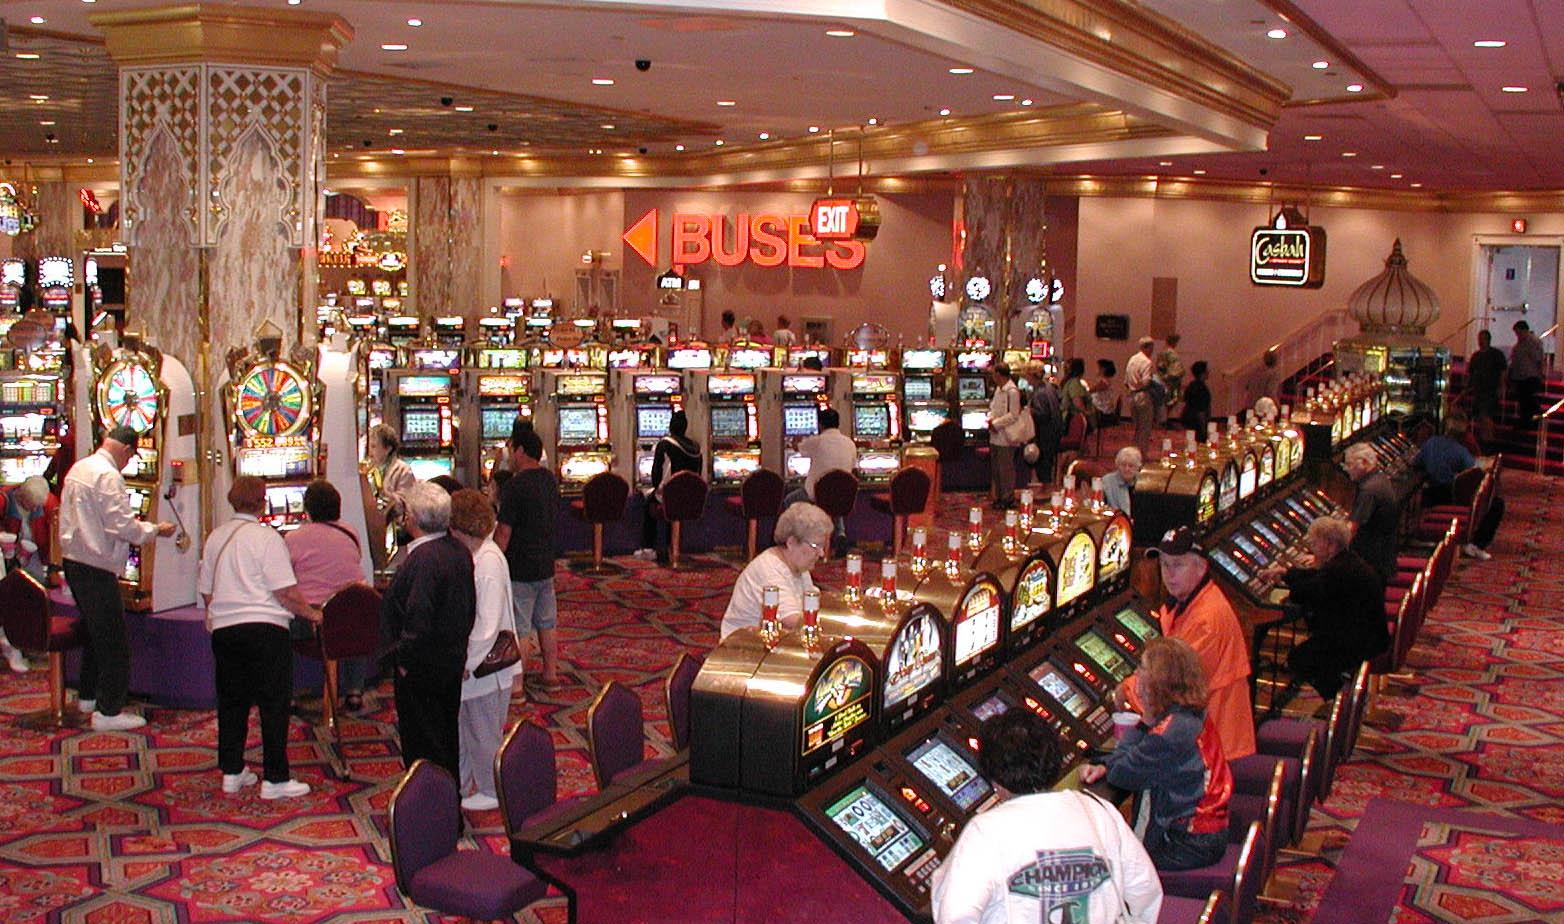 Jeux casino : une passion de base